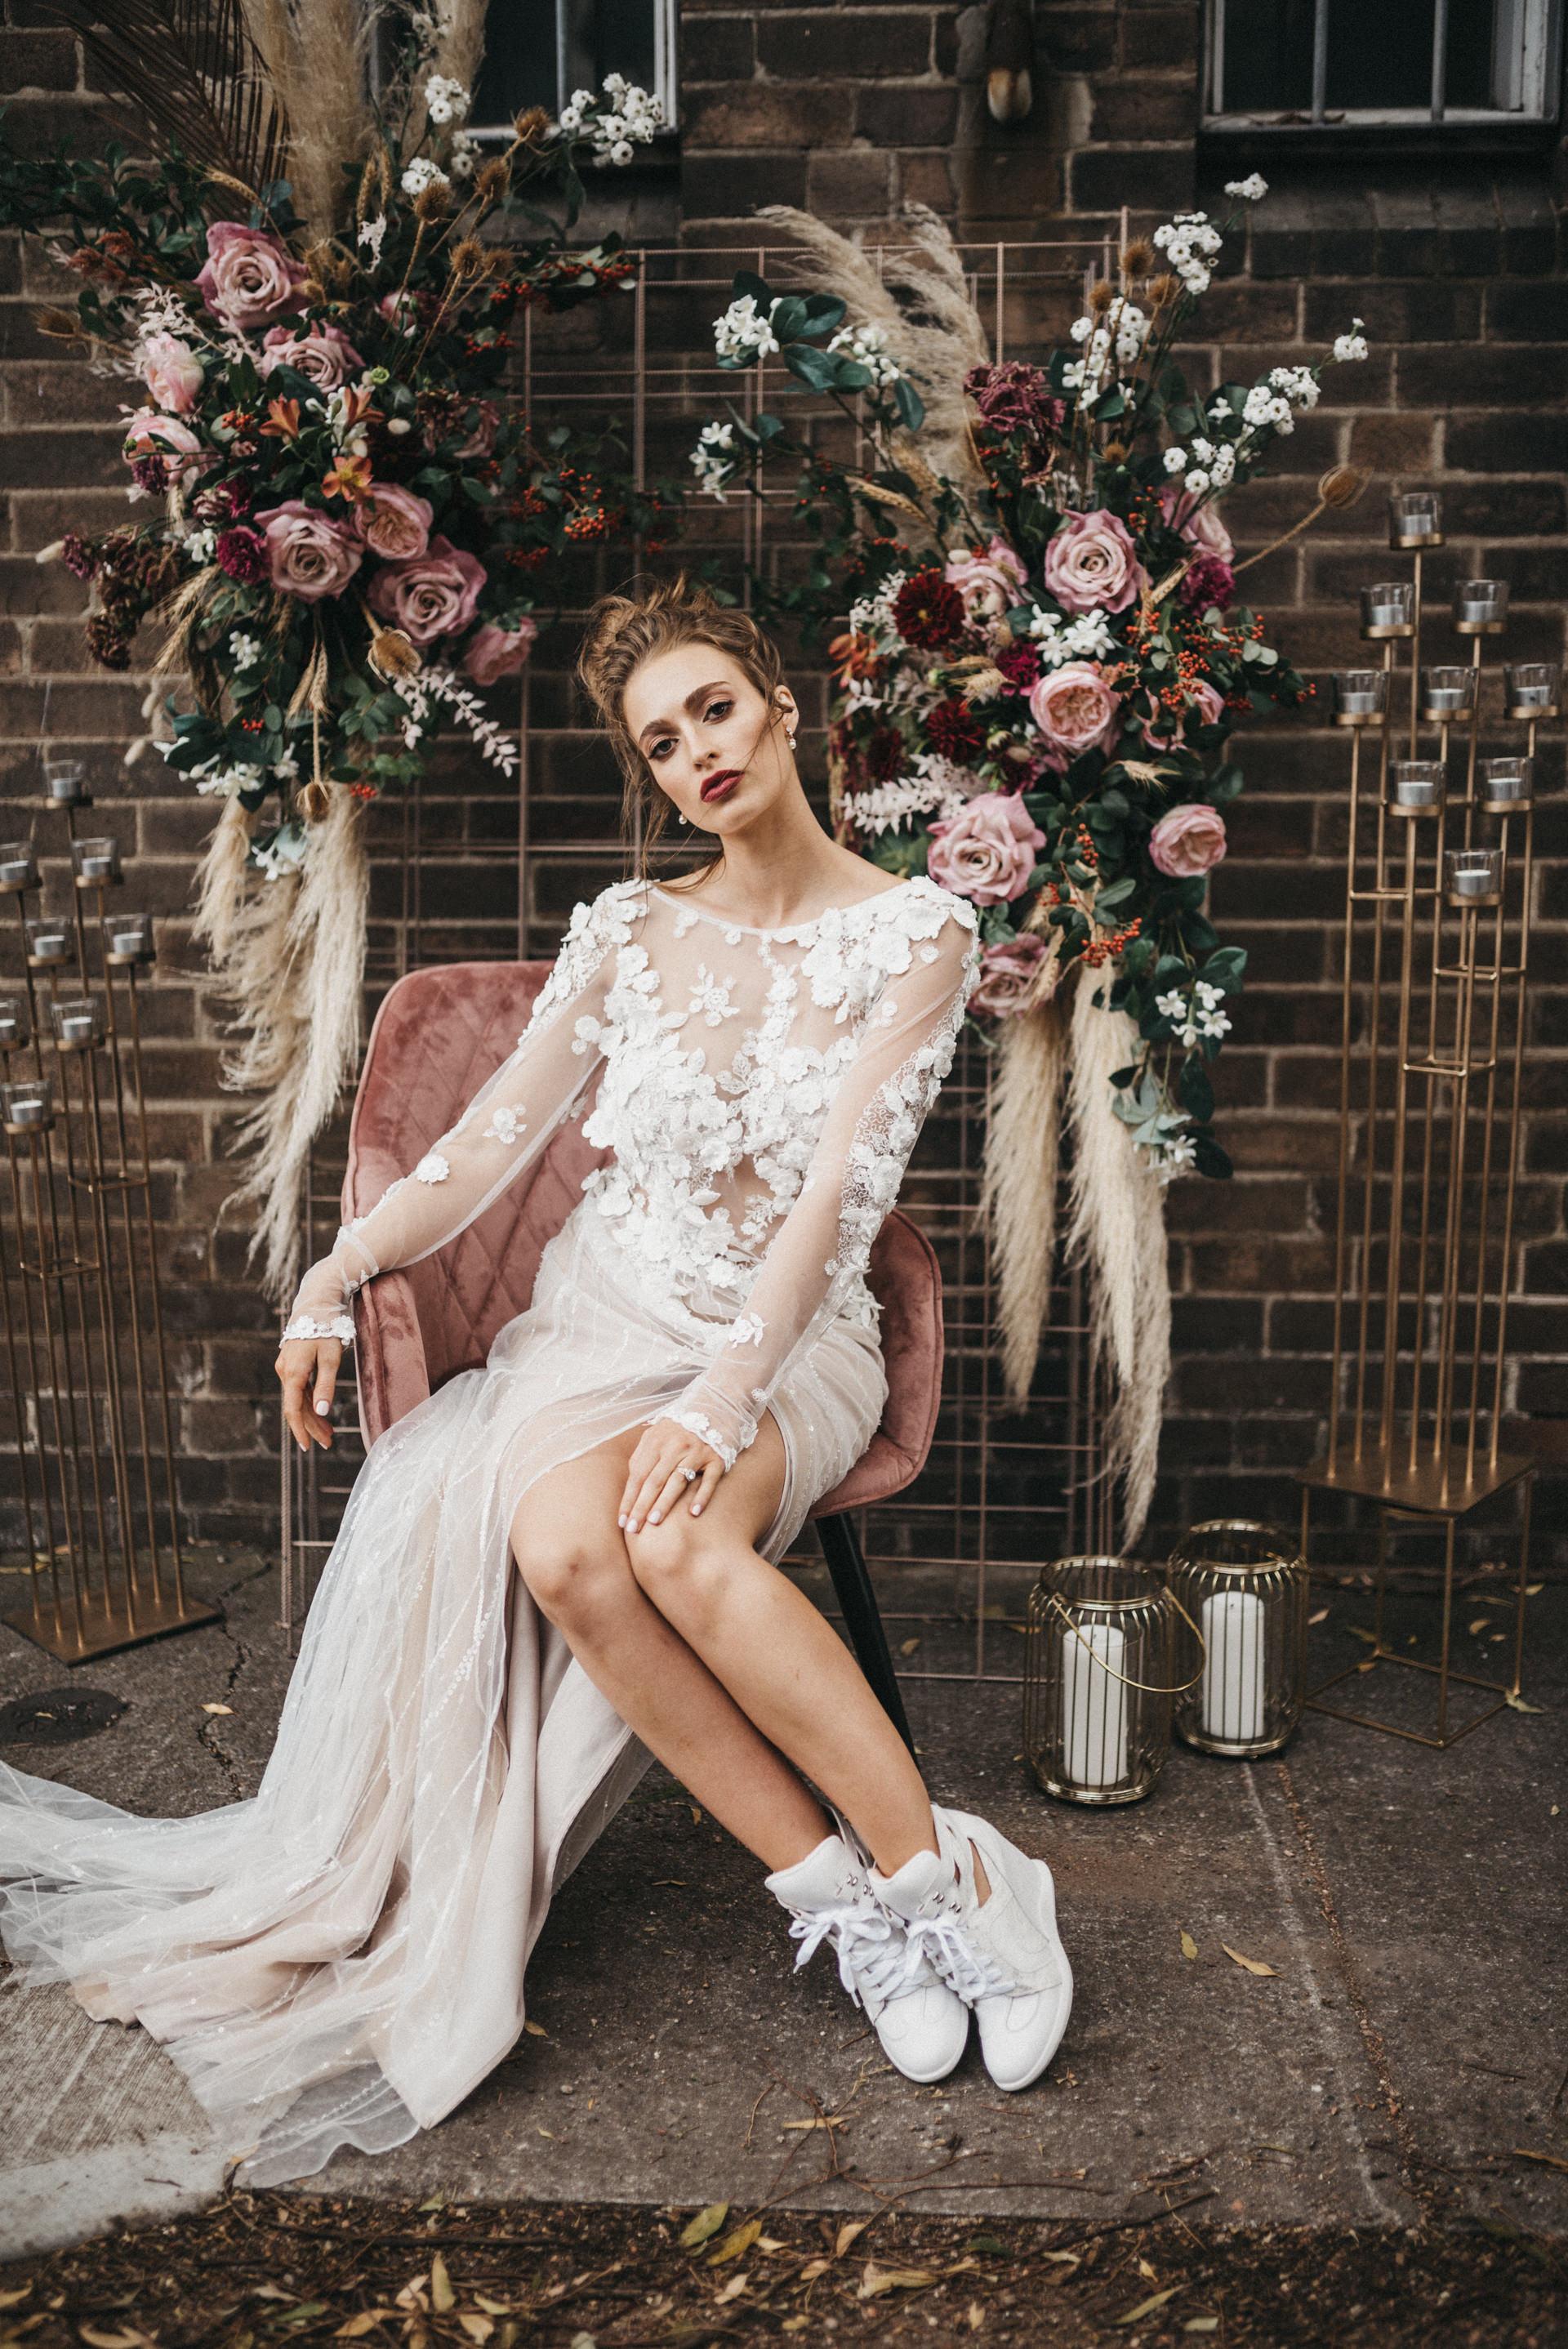 santelia bridal gownssantelia bridal gowns